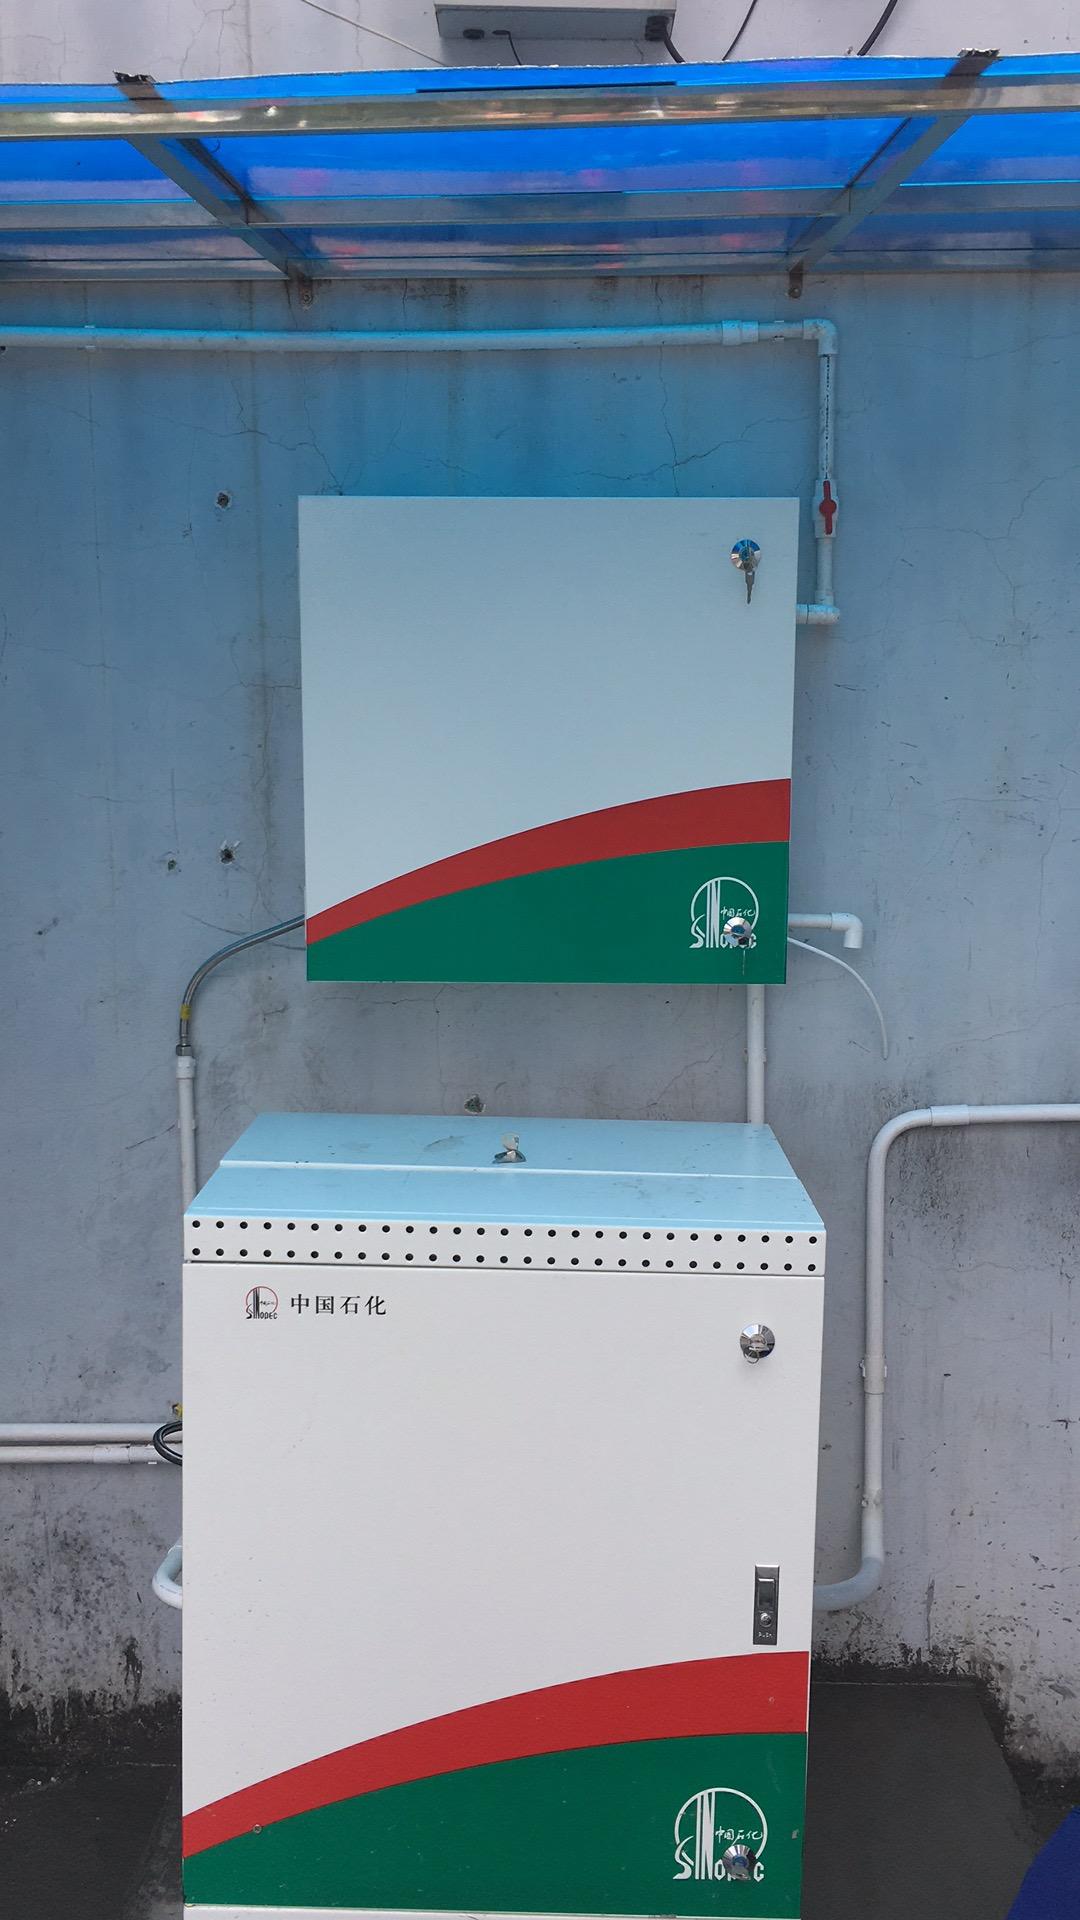 厂房喷雾降温系统,广州厂房喷雾降温系统,佛山厂房喷雾降温系统,深圳厂房喷雾降温系统,顺德厂房喷雾降温系统